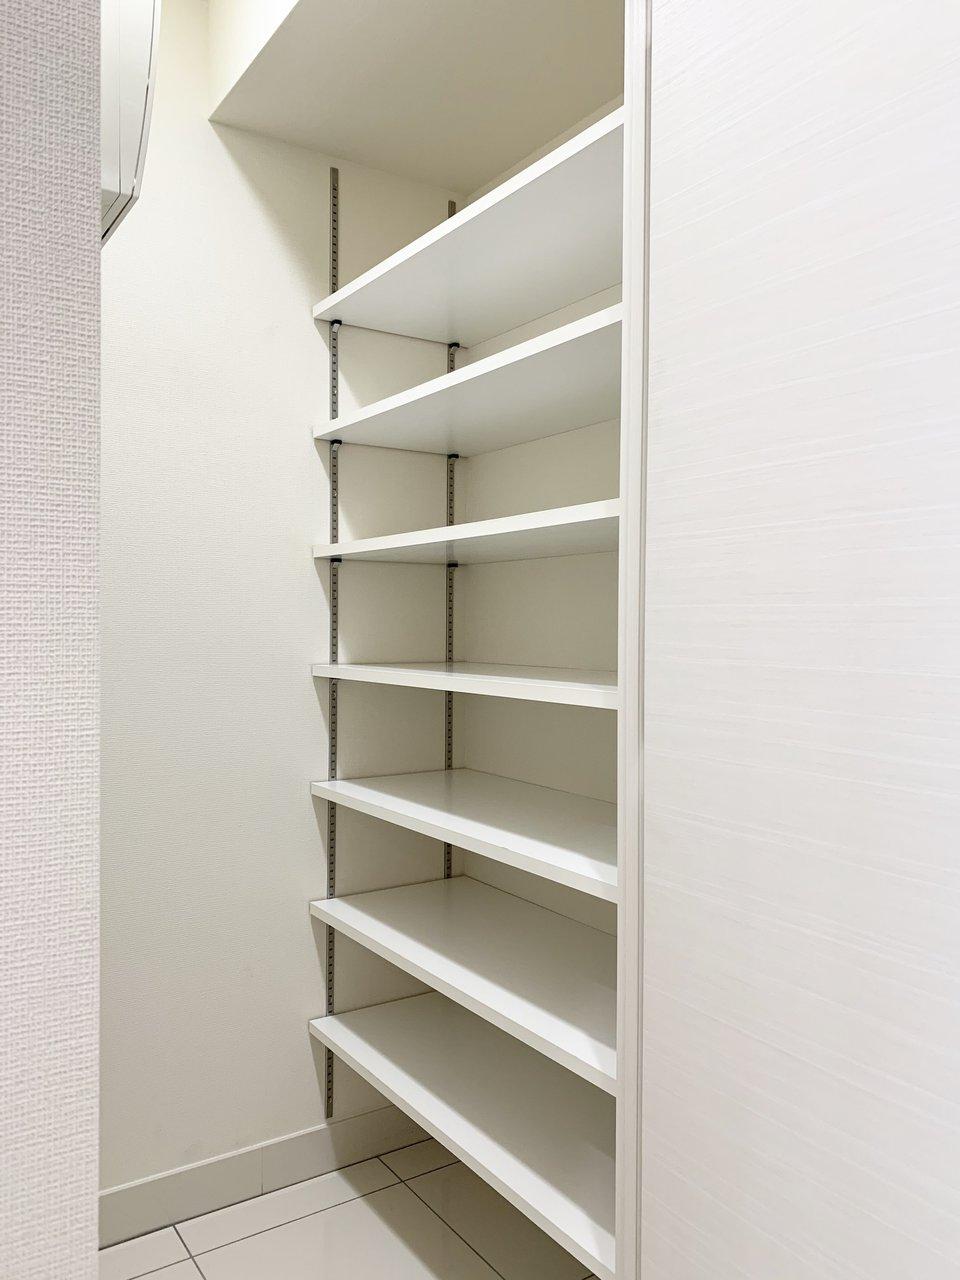 玄関脇には大容量のシューズボックスが。靴だけでなく、アウトドア用品などの大型の荷物も収納しておけます。